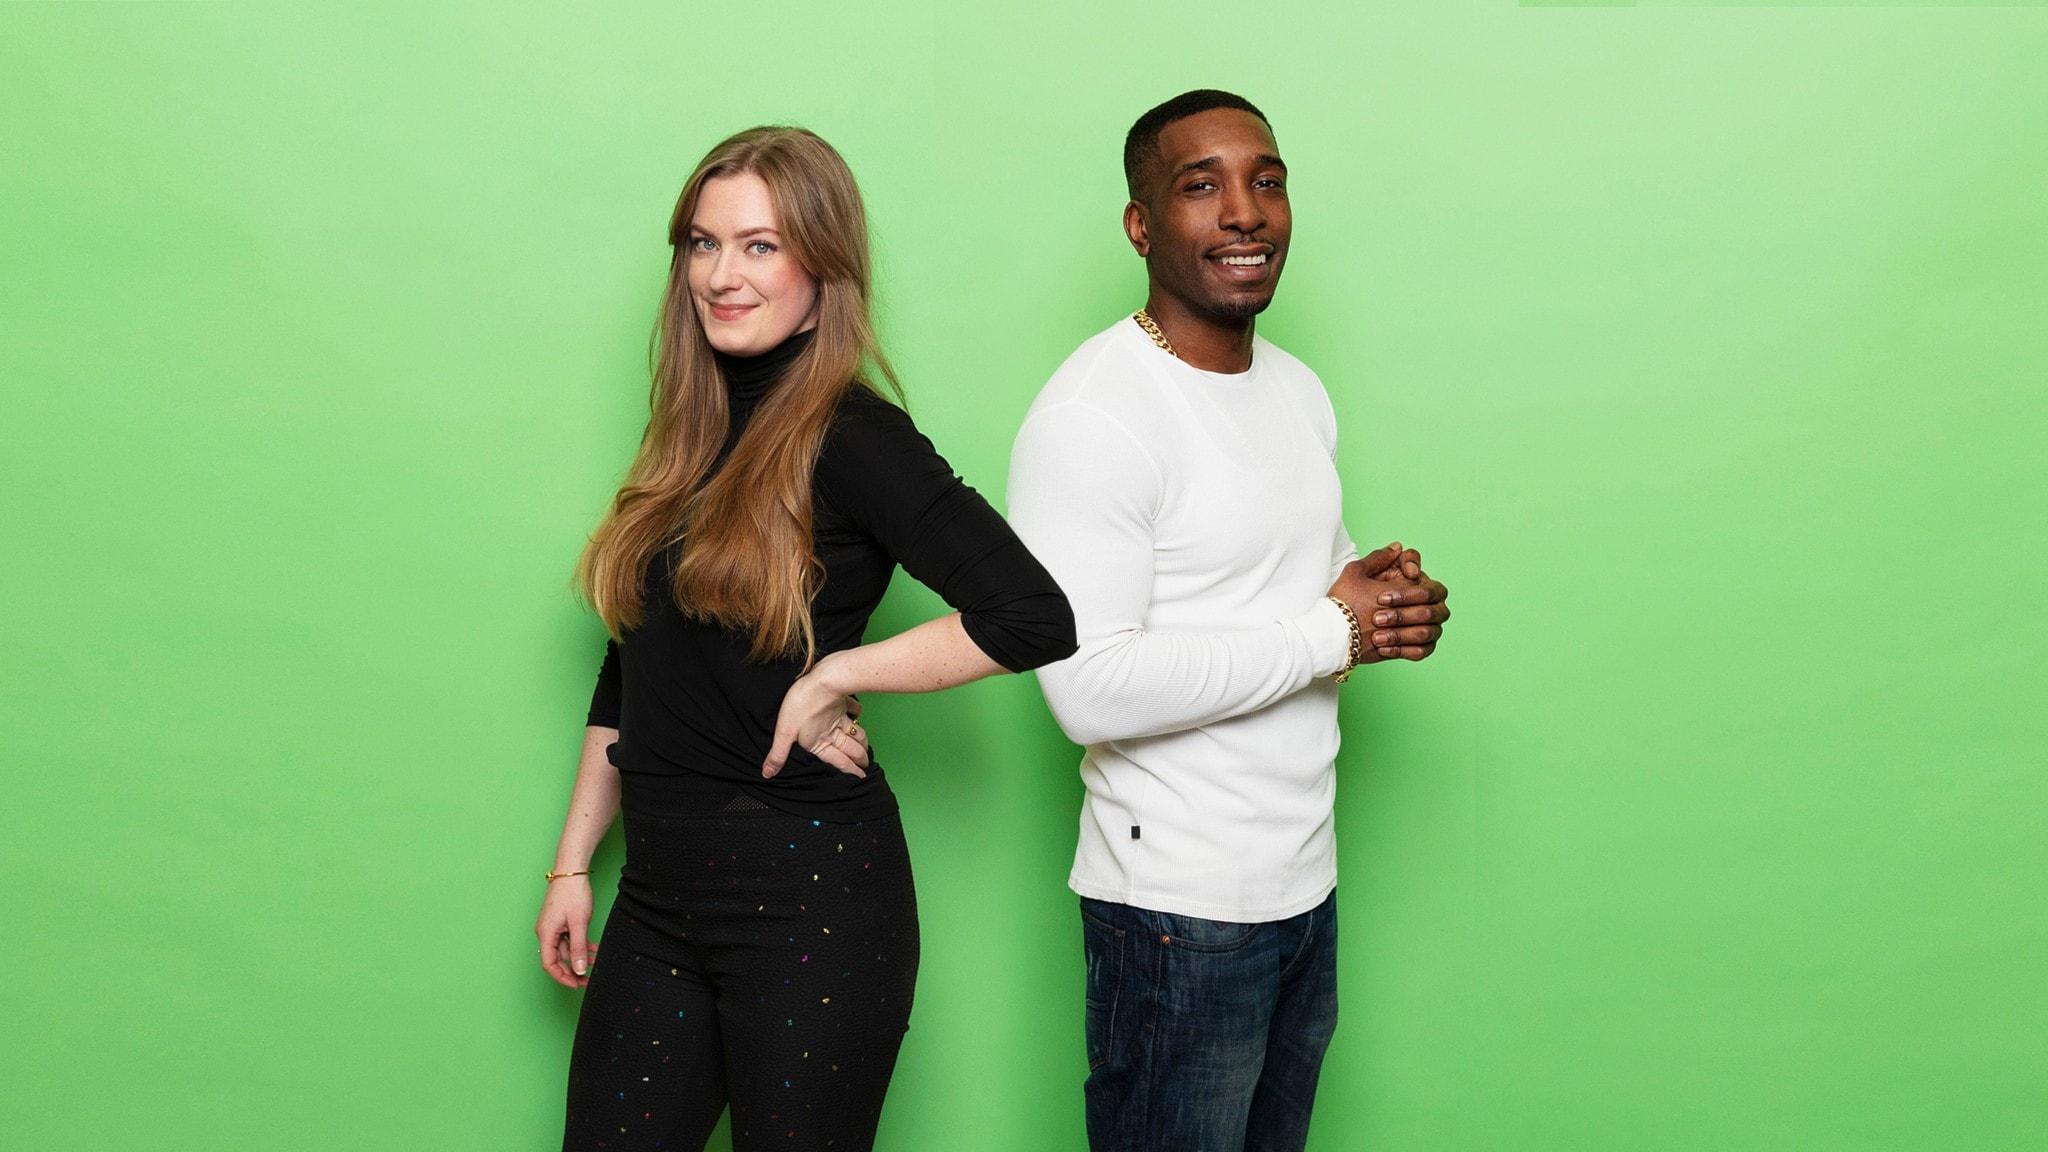 Sara Kinberg och Ison Glasgow står framför en grön bakgrund och ler in i kameran.